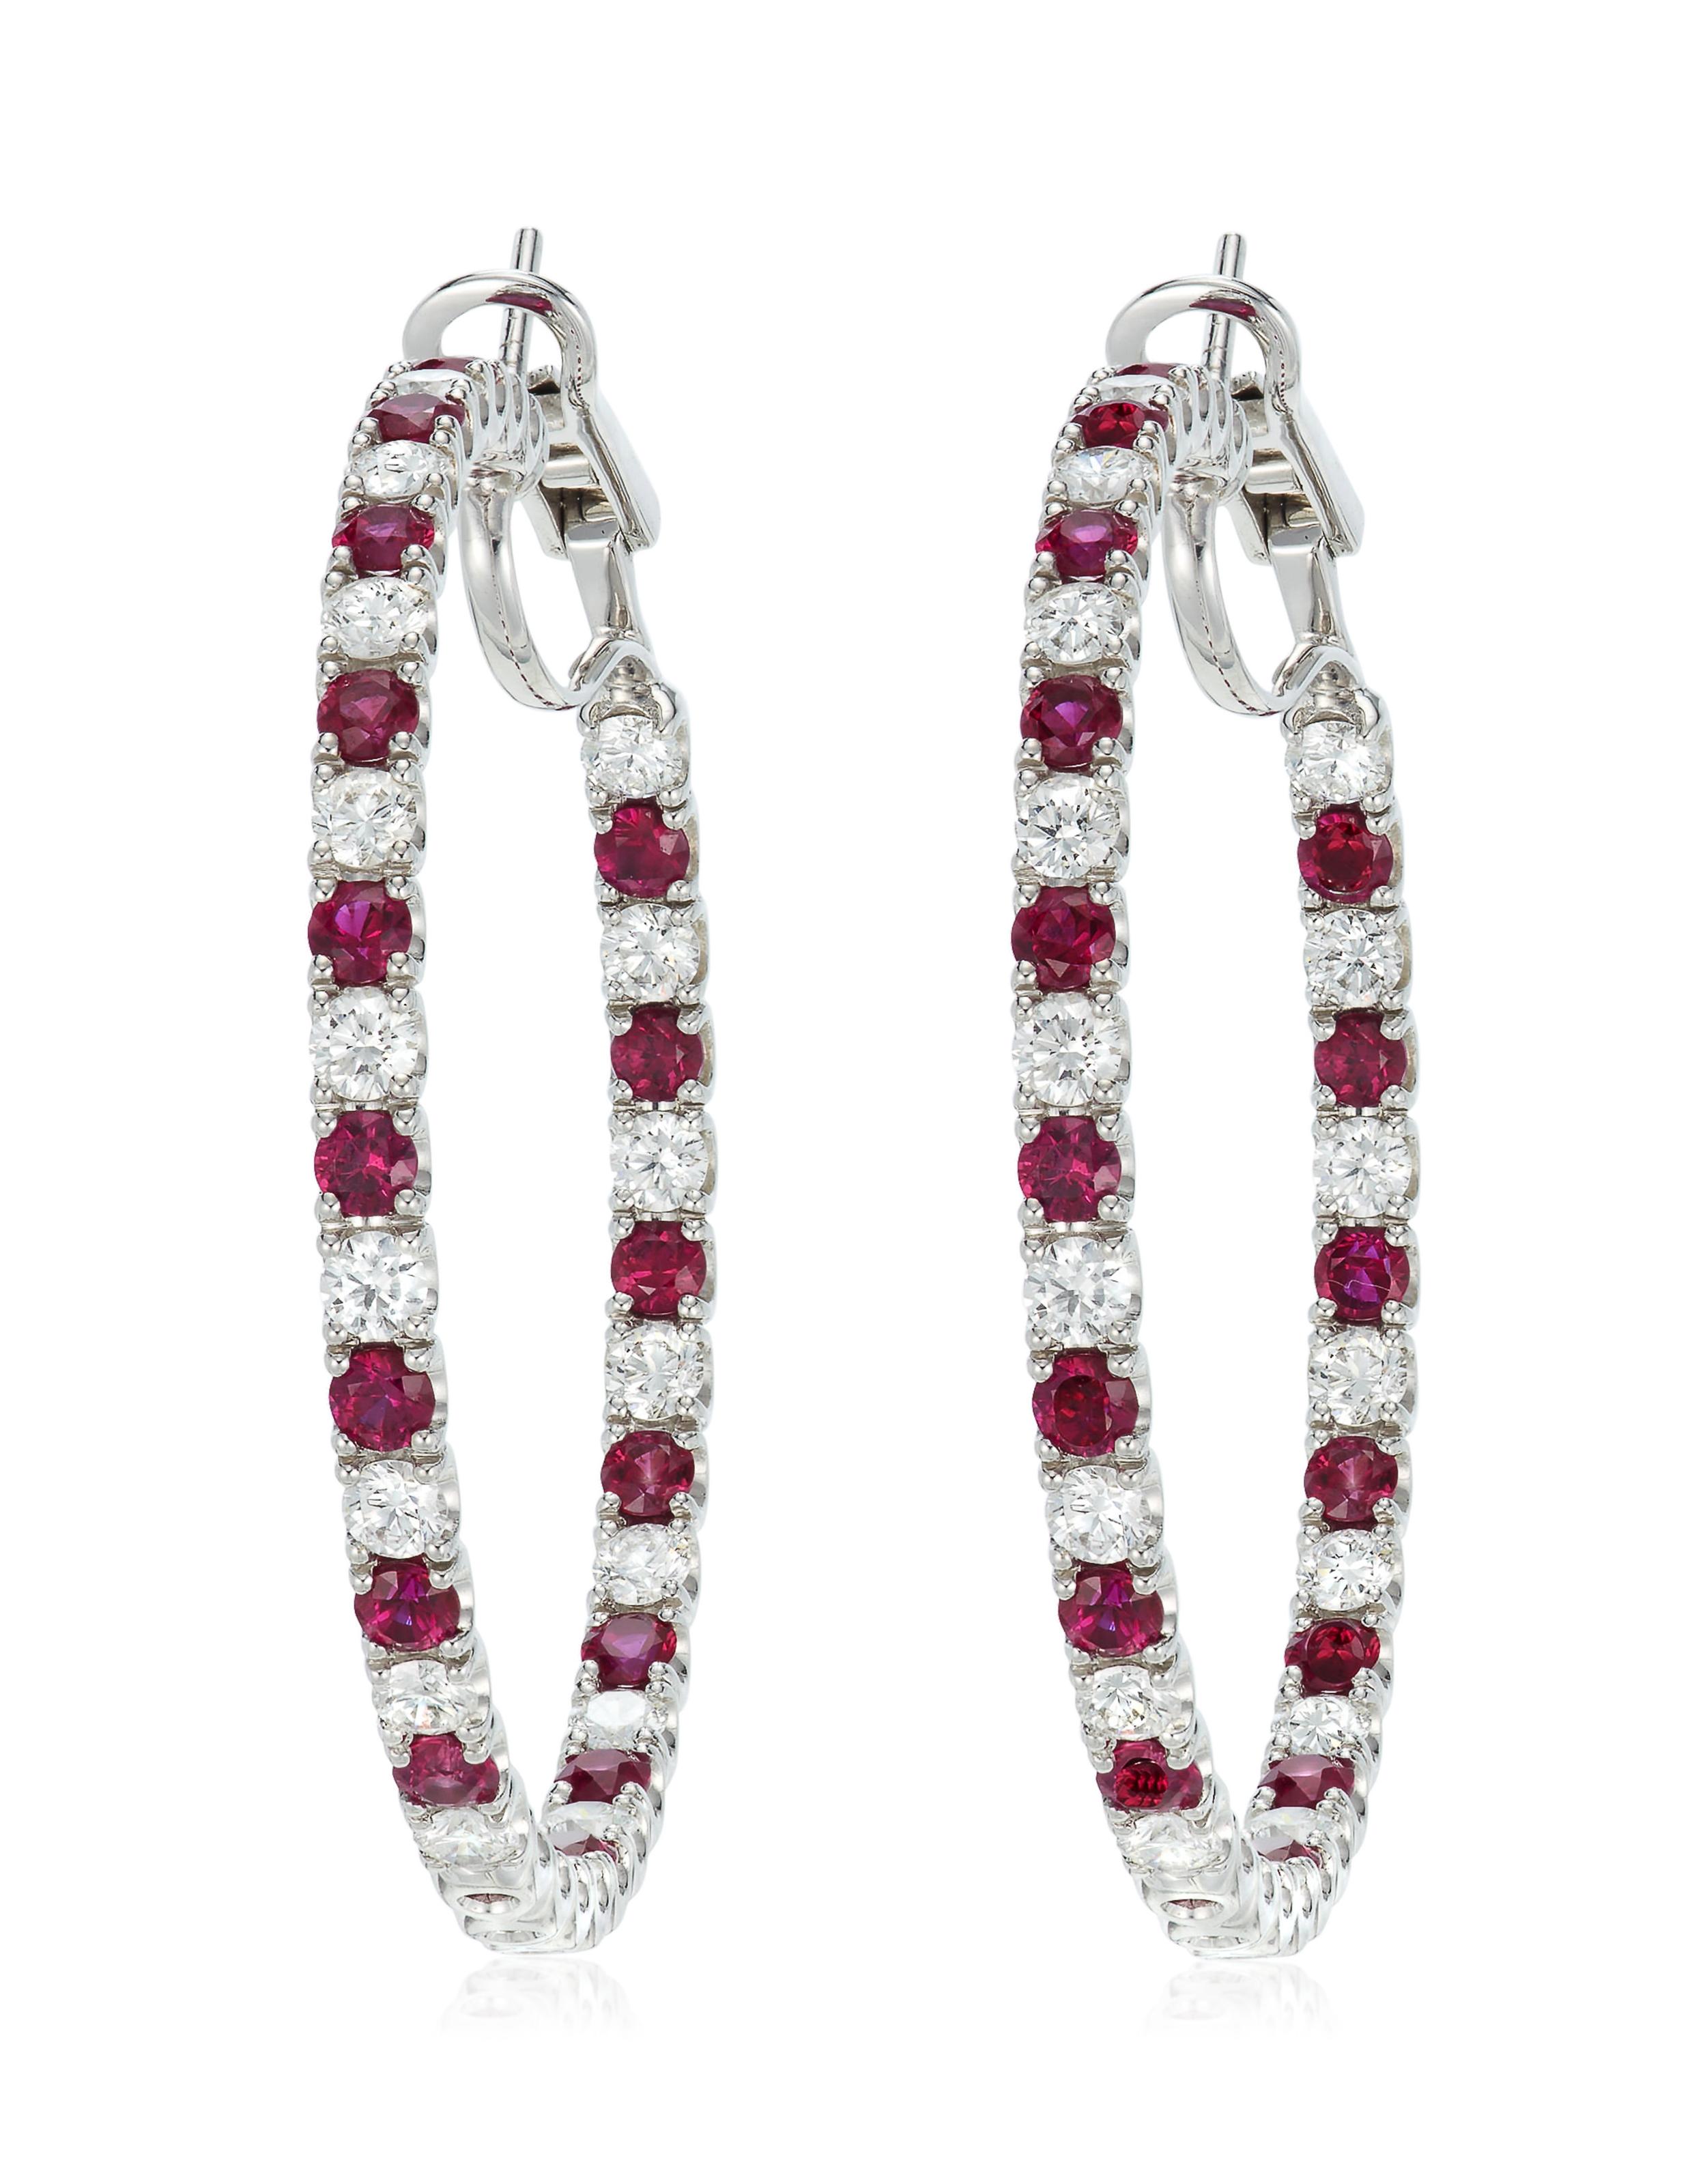 18K White Gold Hoop Earrings 337